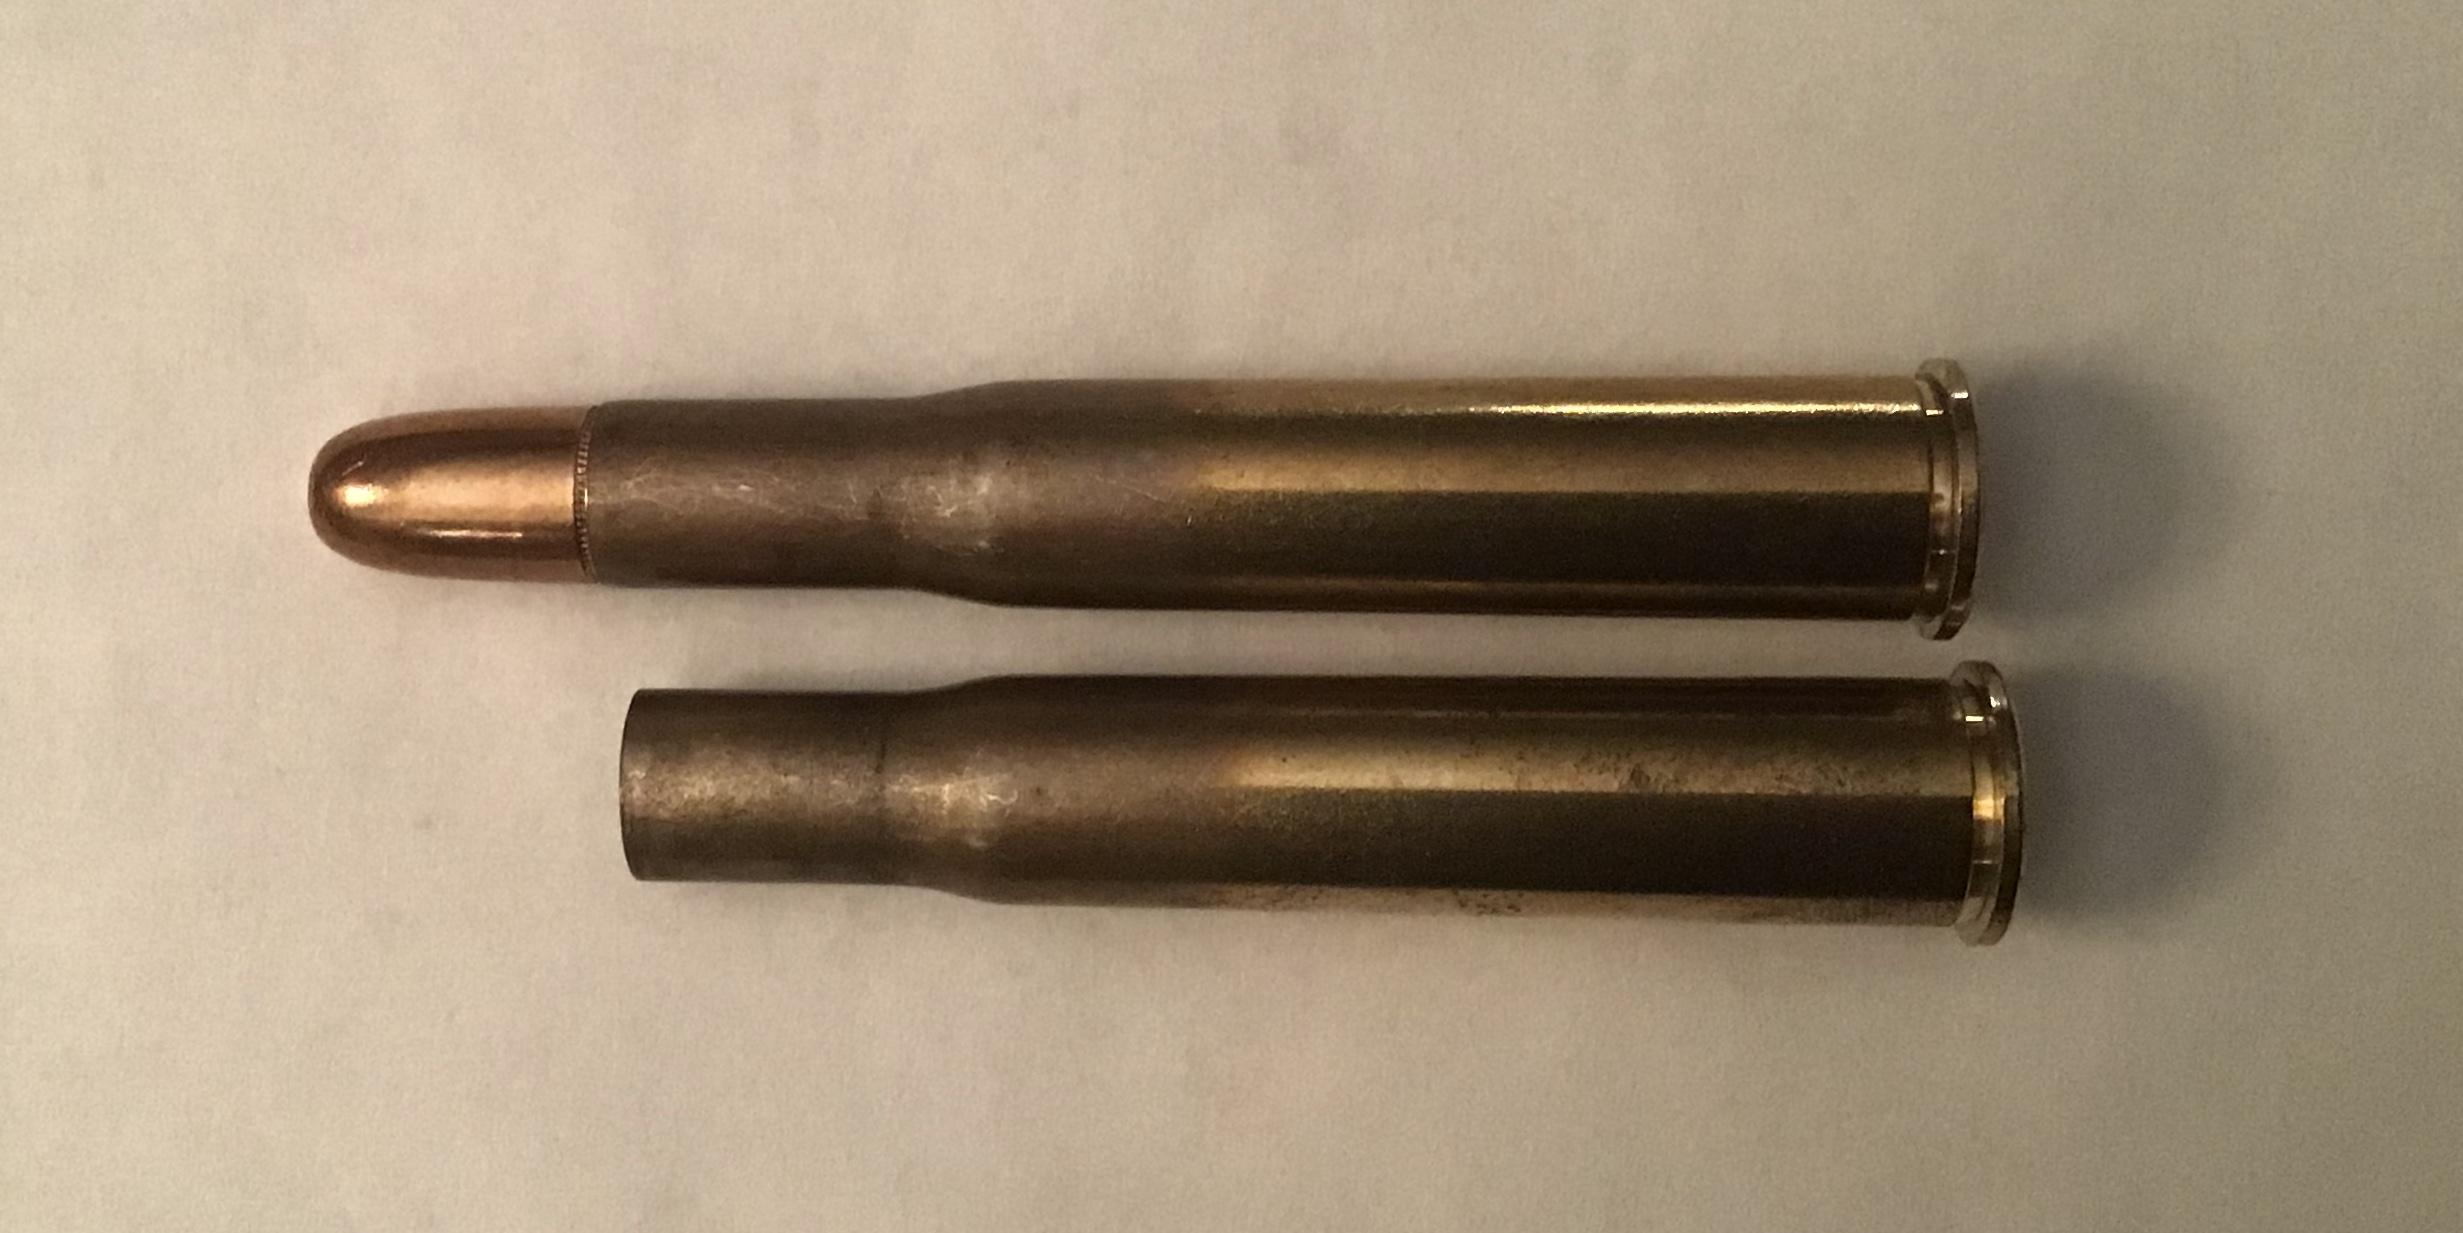 BC340EB7-2CF8-4403-AC97-BA416EF1A1AE.jpeg